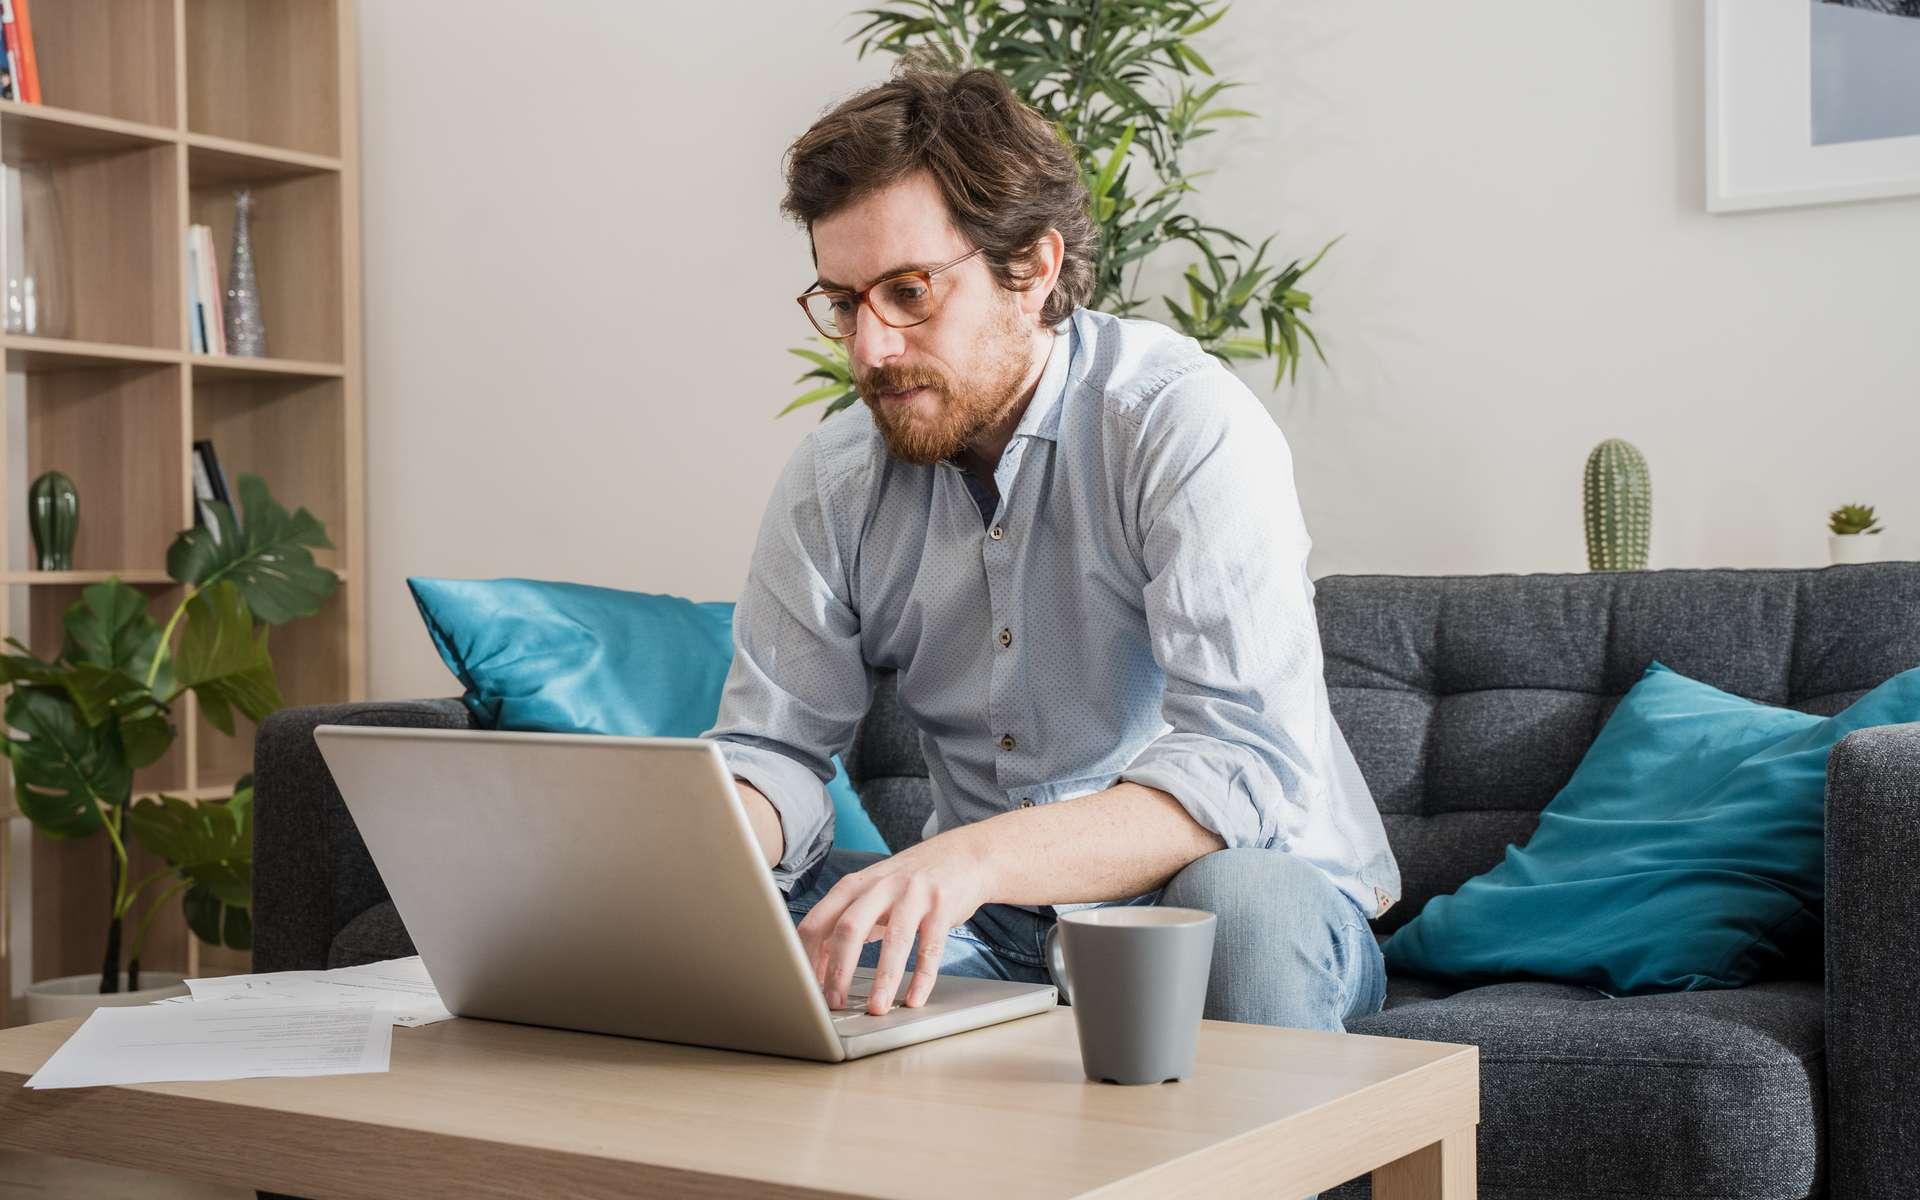 Appréciez les meilleures formation des métiers de web à prix réduit avec Udemy © Paolese, Adobe Stock